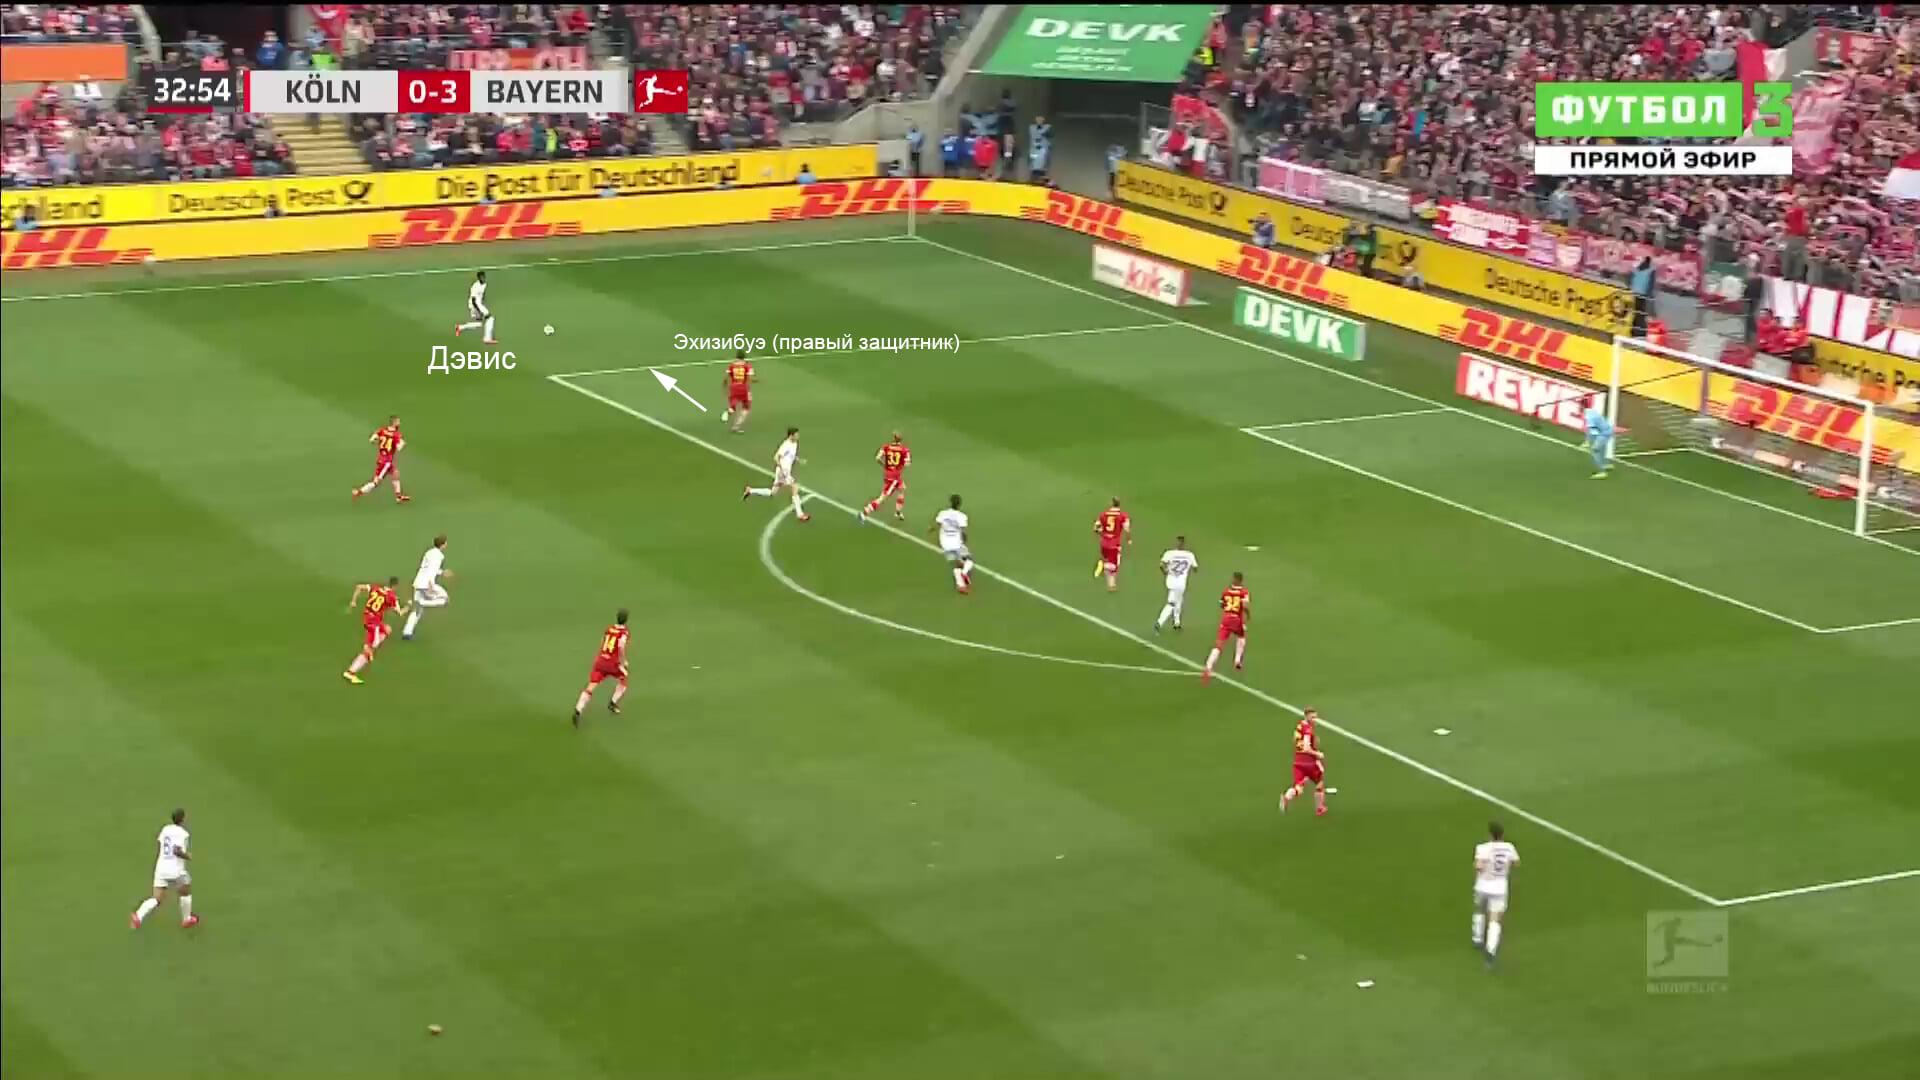 «Бавария» и «Боруссия» по-разному перевернули сезон. Но есть один общий элемент – крайние защитники